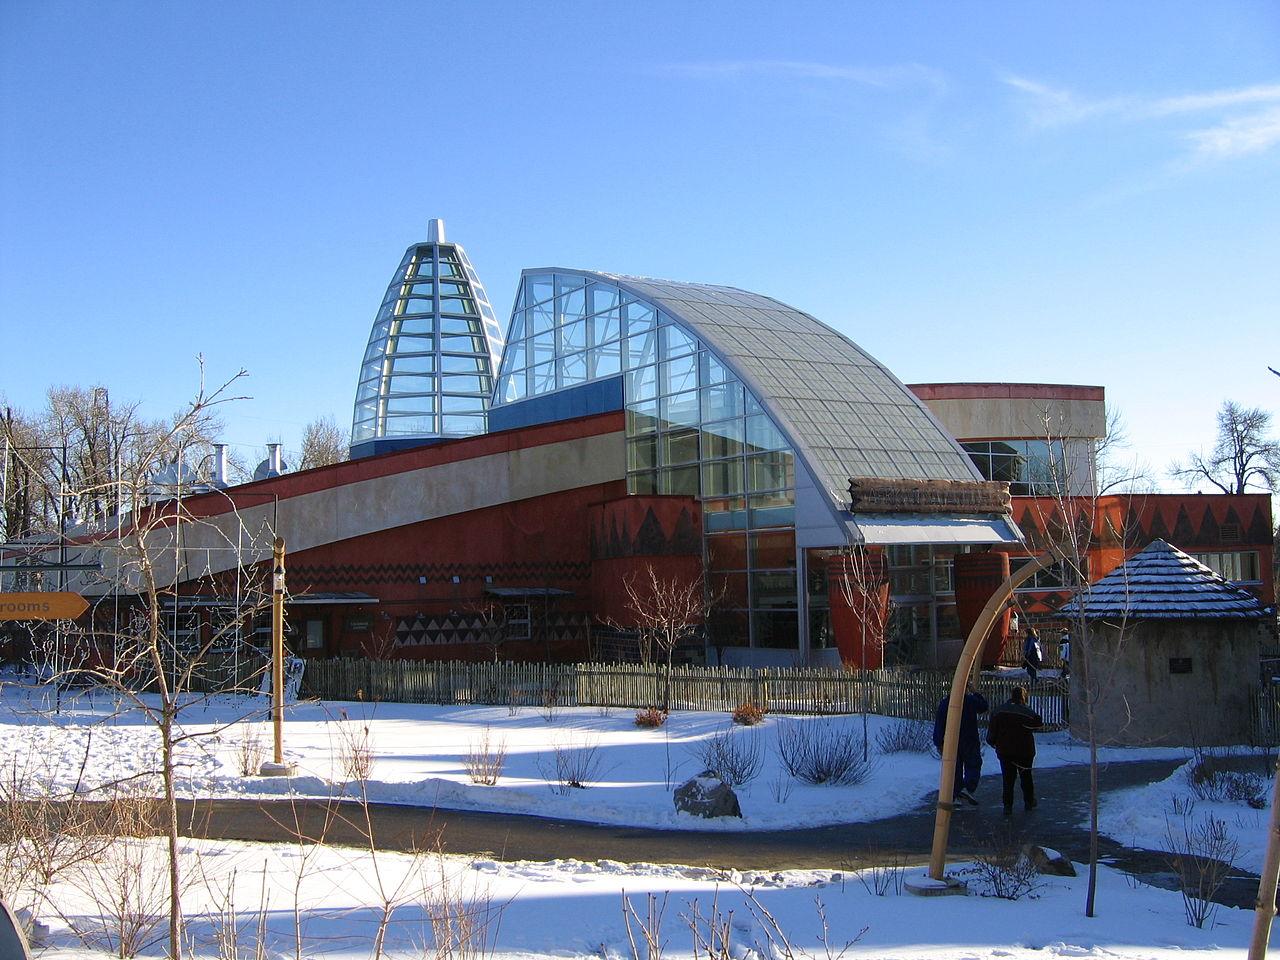 Calgary Zoo (Image)